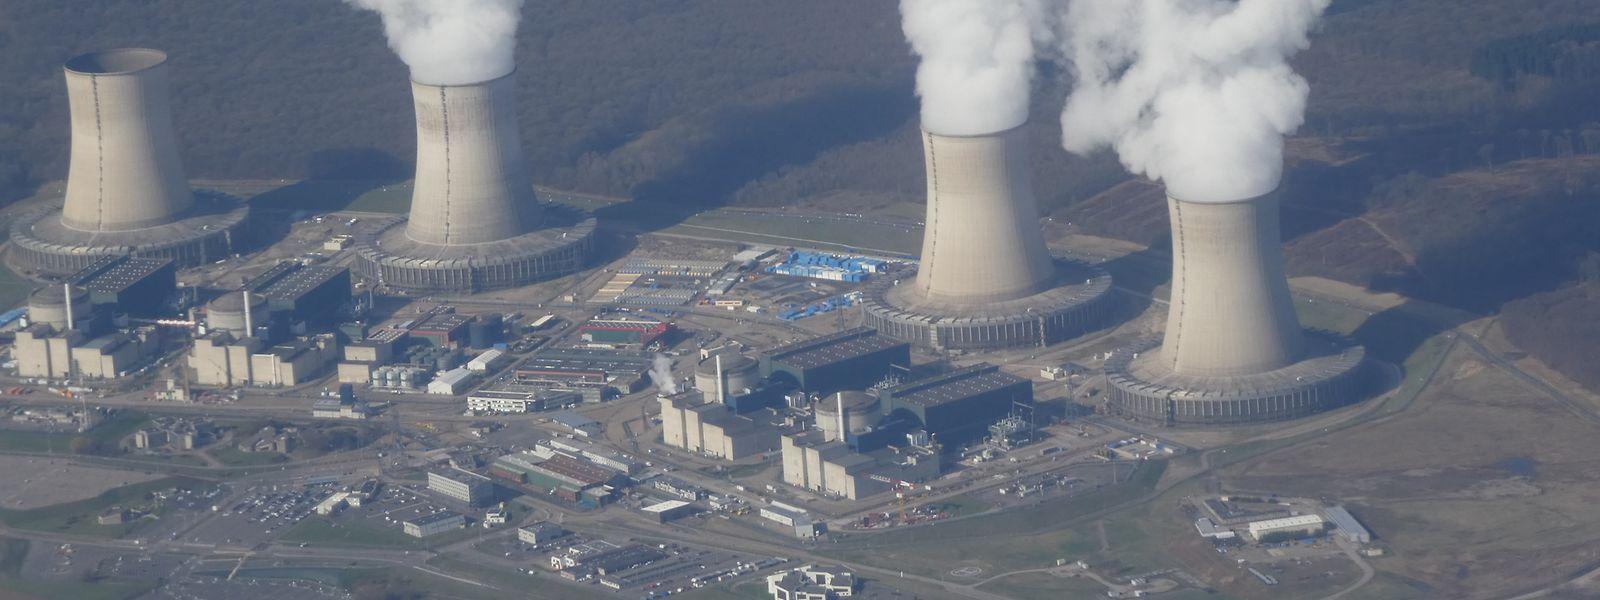 Cattenom ist seit 1986 am Netz und mit 5.448 Mw Leitung die siebtgrößte Anlage auf der Welt.